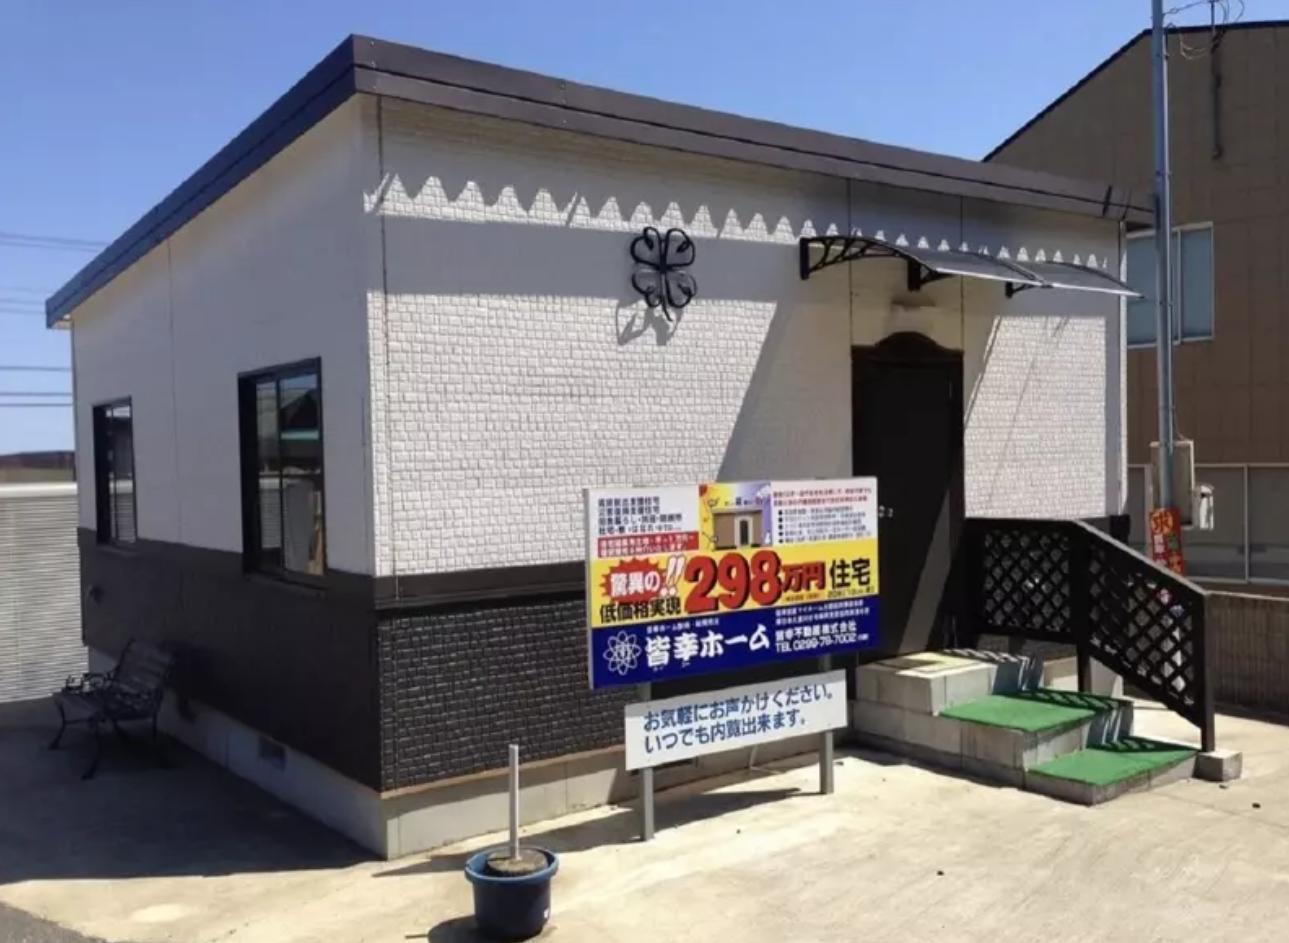 真的吗?在日本盖一栋房子只要2.8万美元